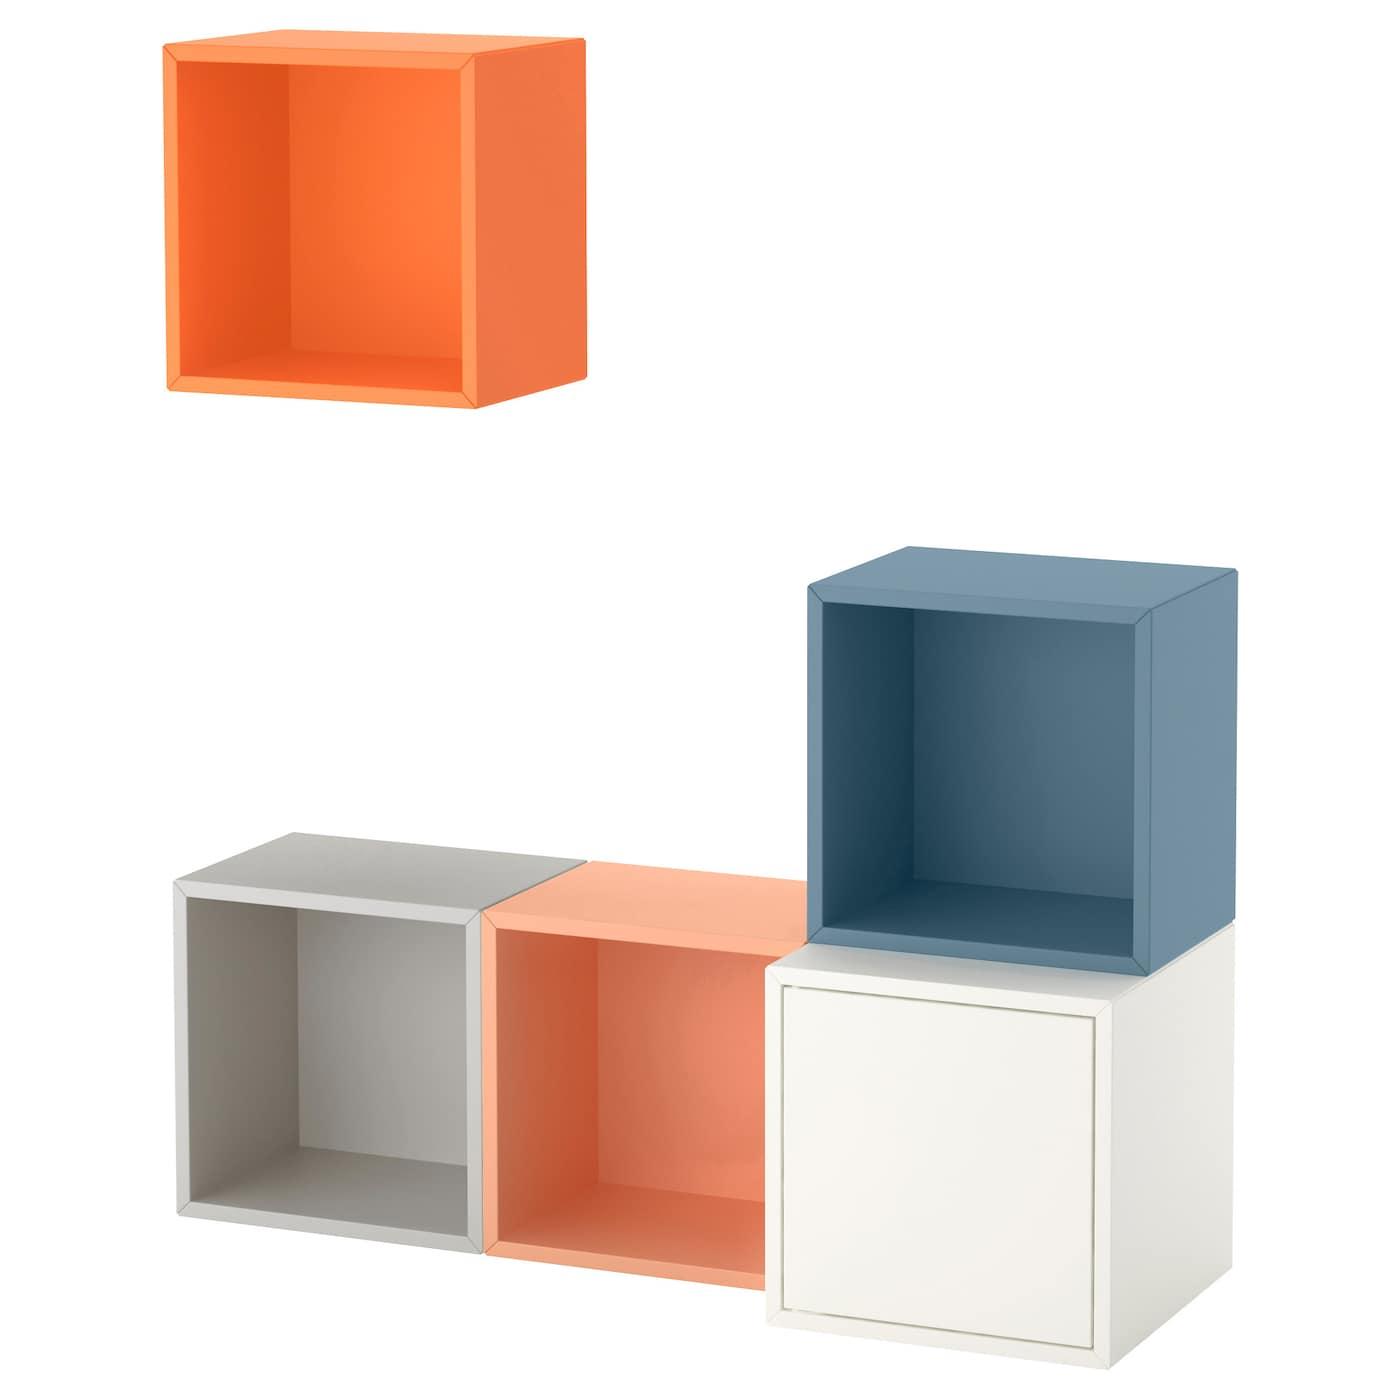 estanter as modulares compra online ikea. Black Bedroom Furniture Sets. Home Design Ideas